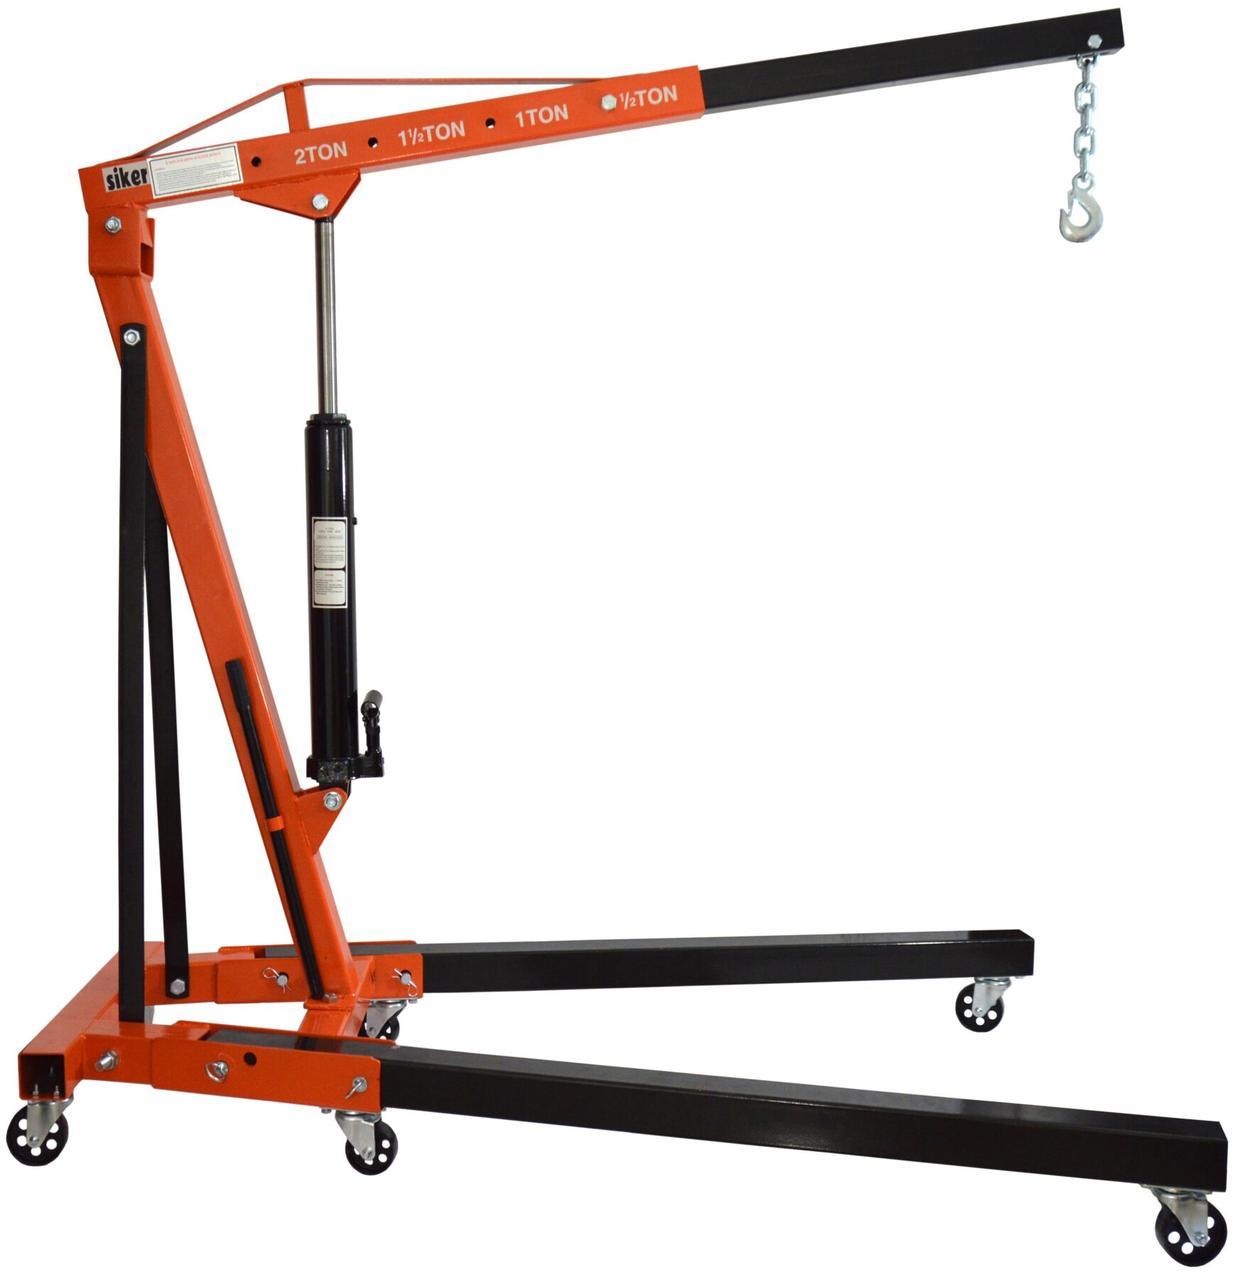 Кран підйомник складаний гідравлічний підкатний Siker 2 тонни для СТО та гаража в комплекті ланцюг з гачком